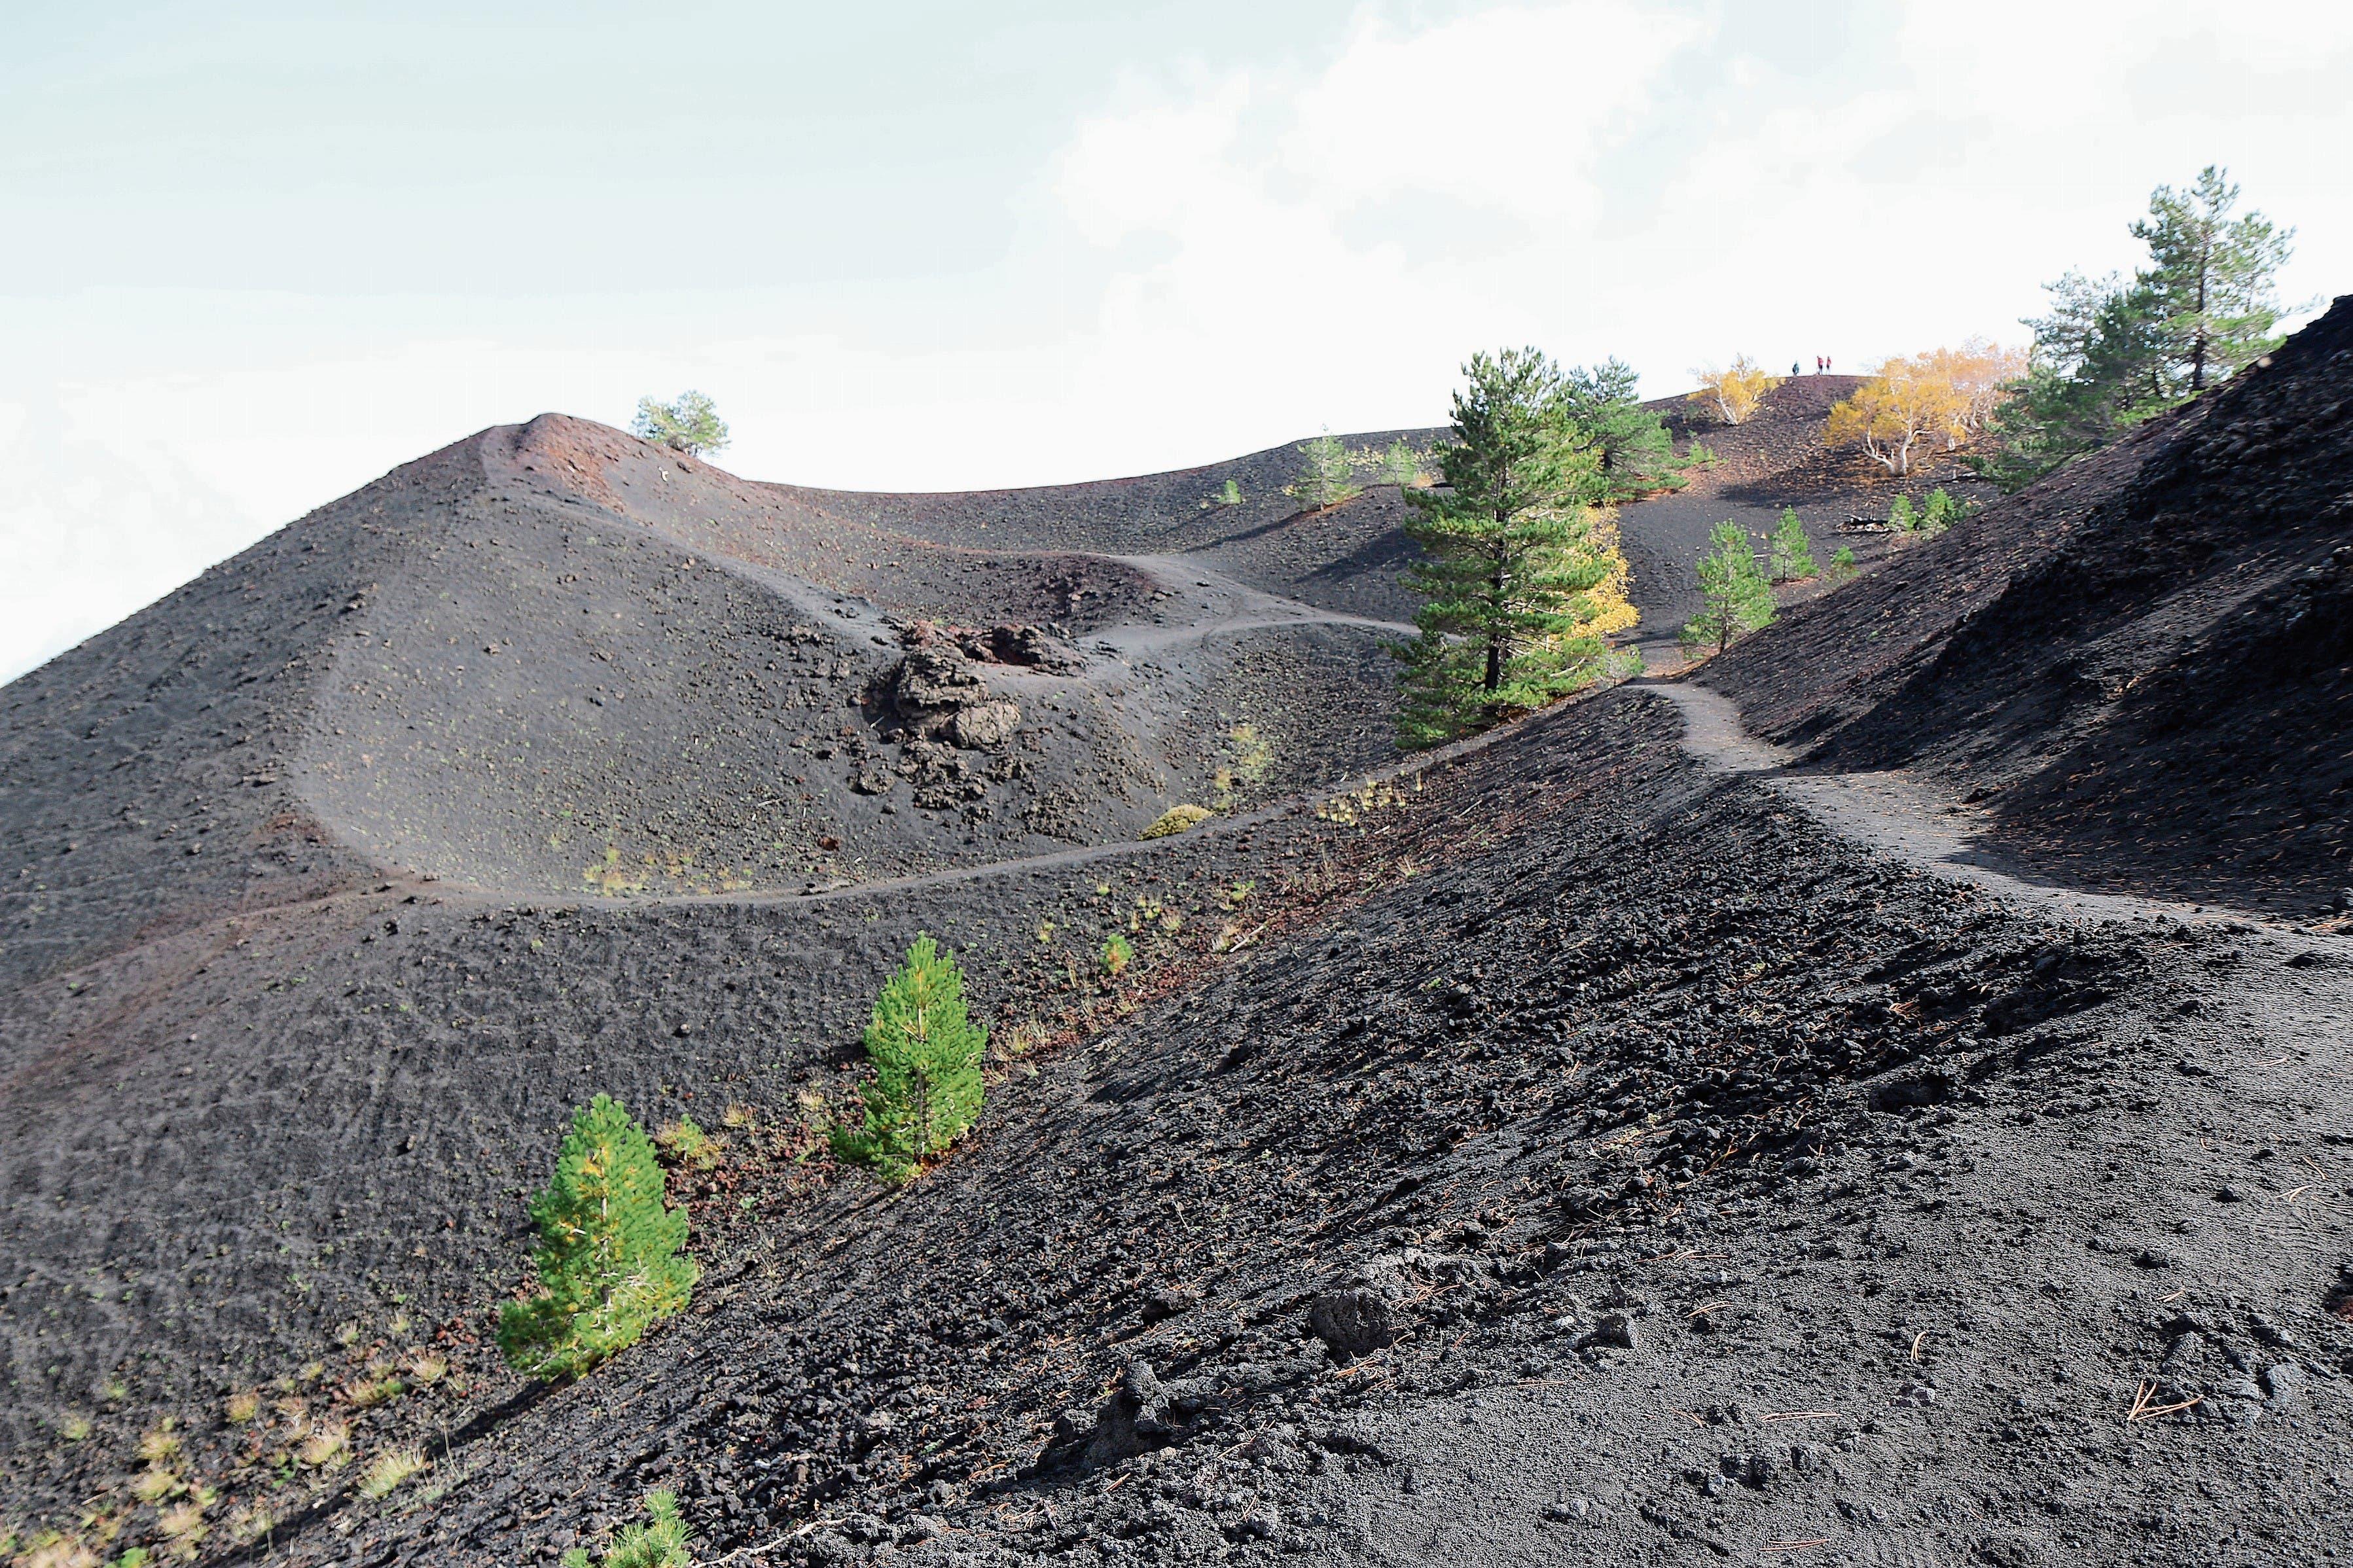 Der Ätna ist mit rund 3323 Metern über Meer der höchste aktive Vulkan Europas. Die Ausbrüche lassen rund um den Vulkan bizarre Landschaften entstehen, die unweigerlich dazu einladen, den Begriff Schönheit neu zu definieren.